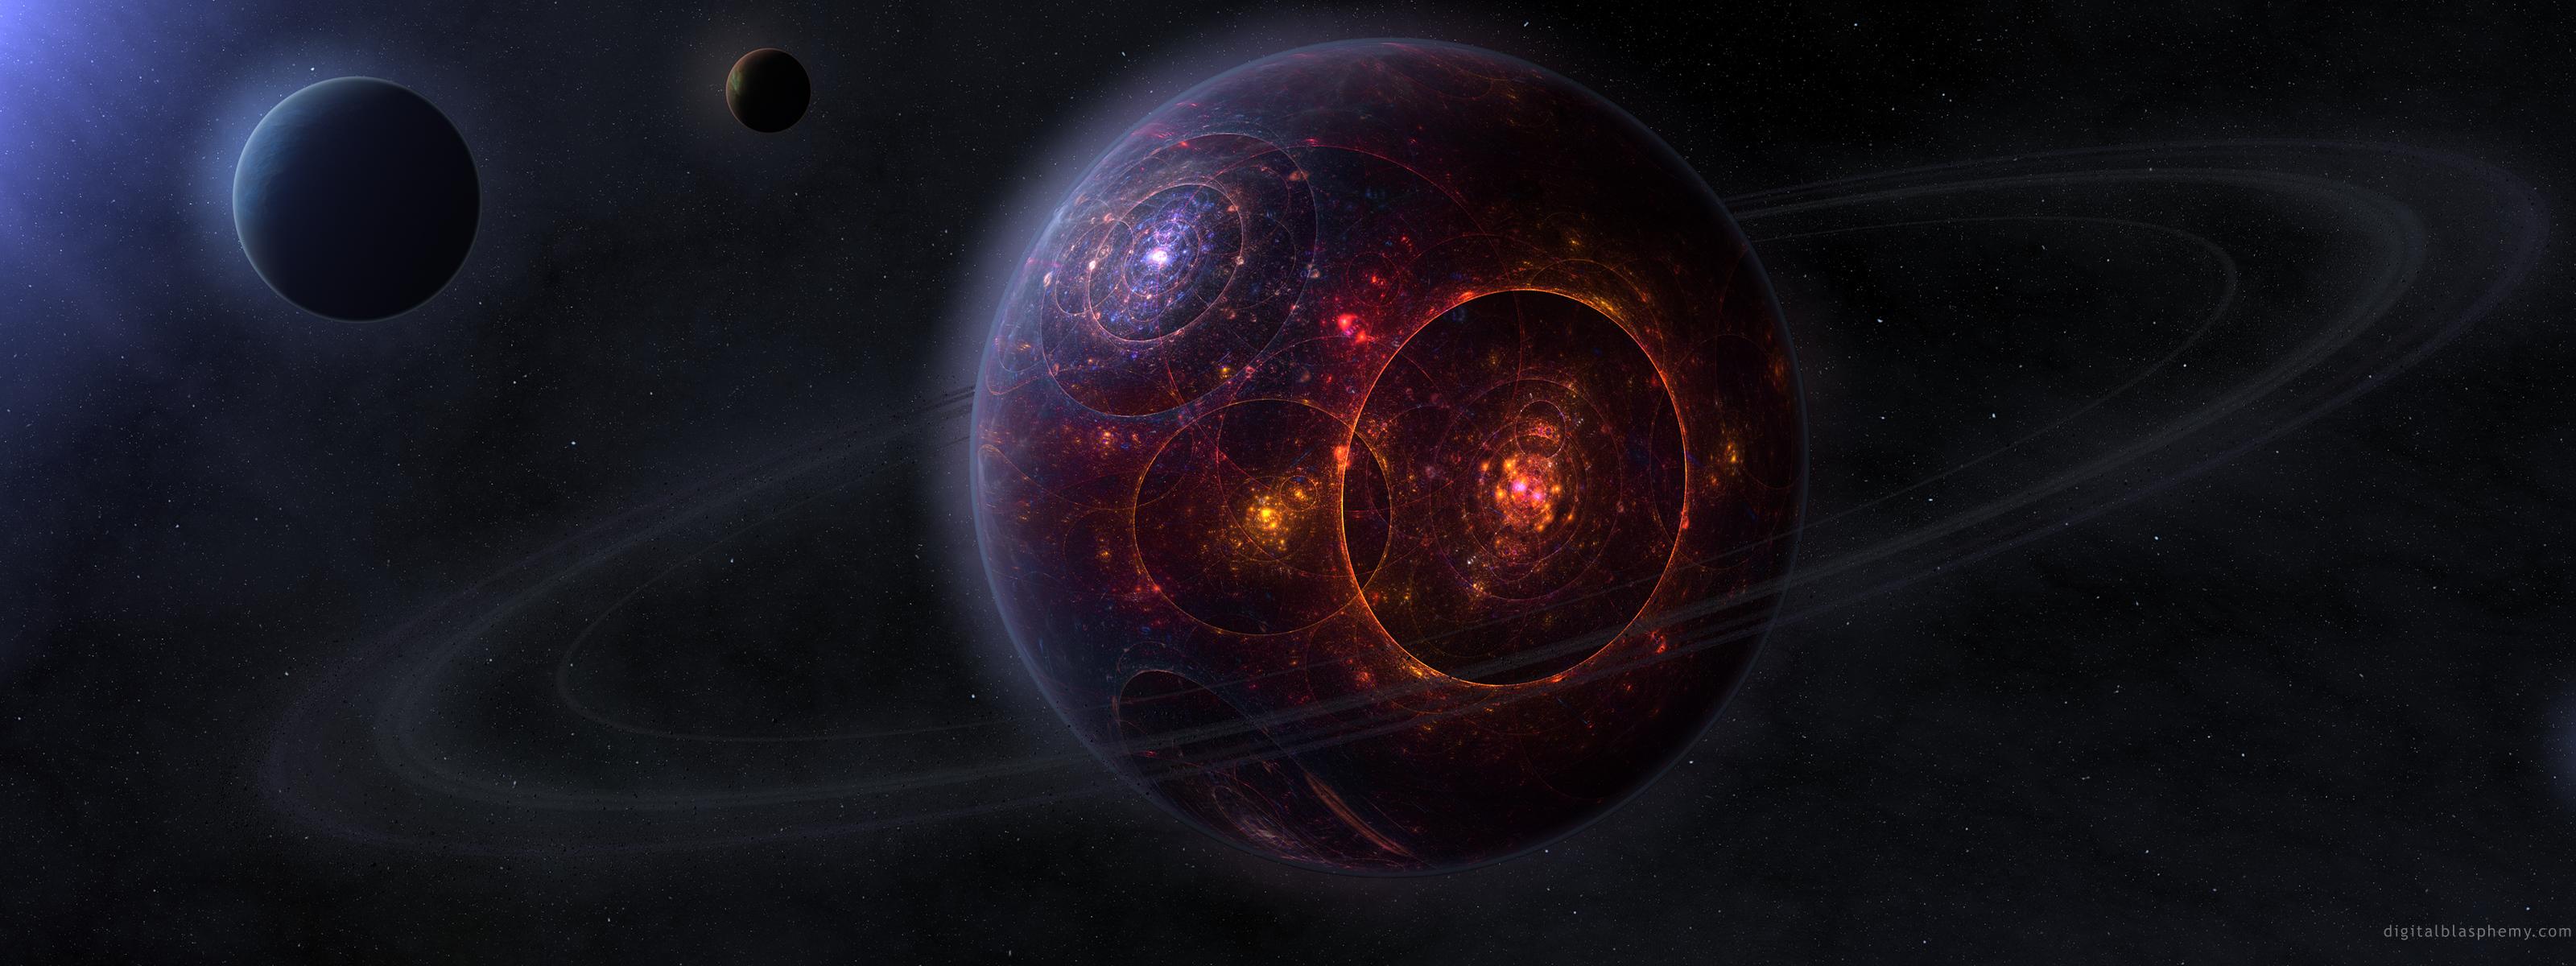 Космическая величественная красота 3200x1200 1838KB Космос